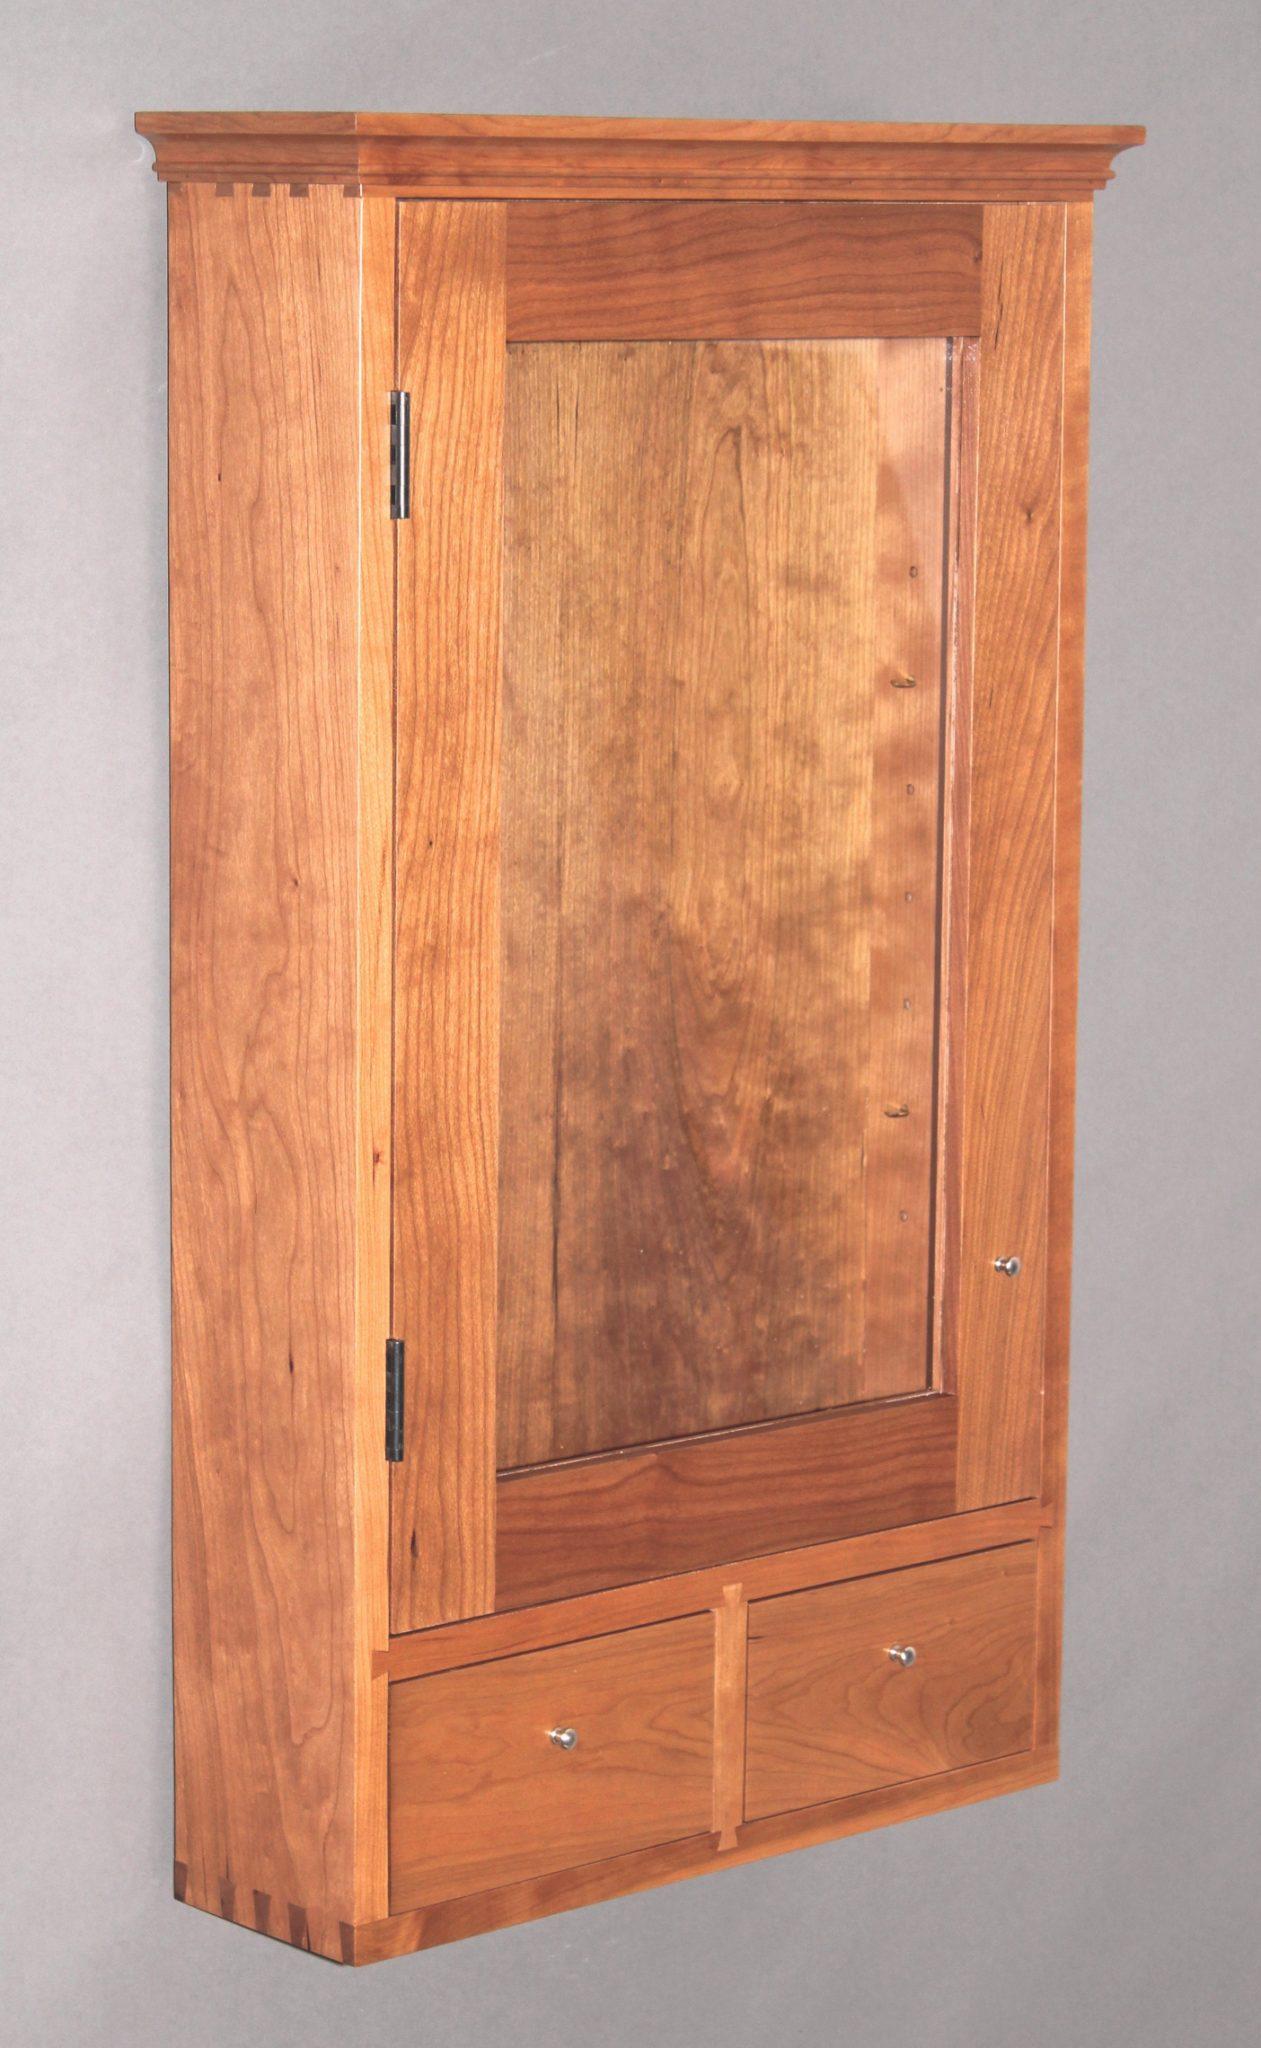 Furniture accessories, Cherry Furniture-Maine furniture maker-custom furniture